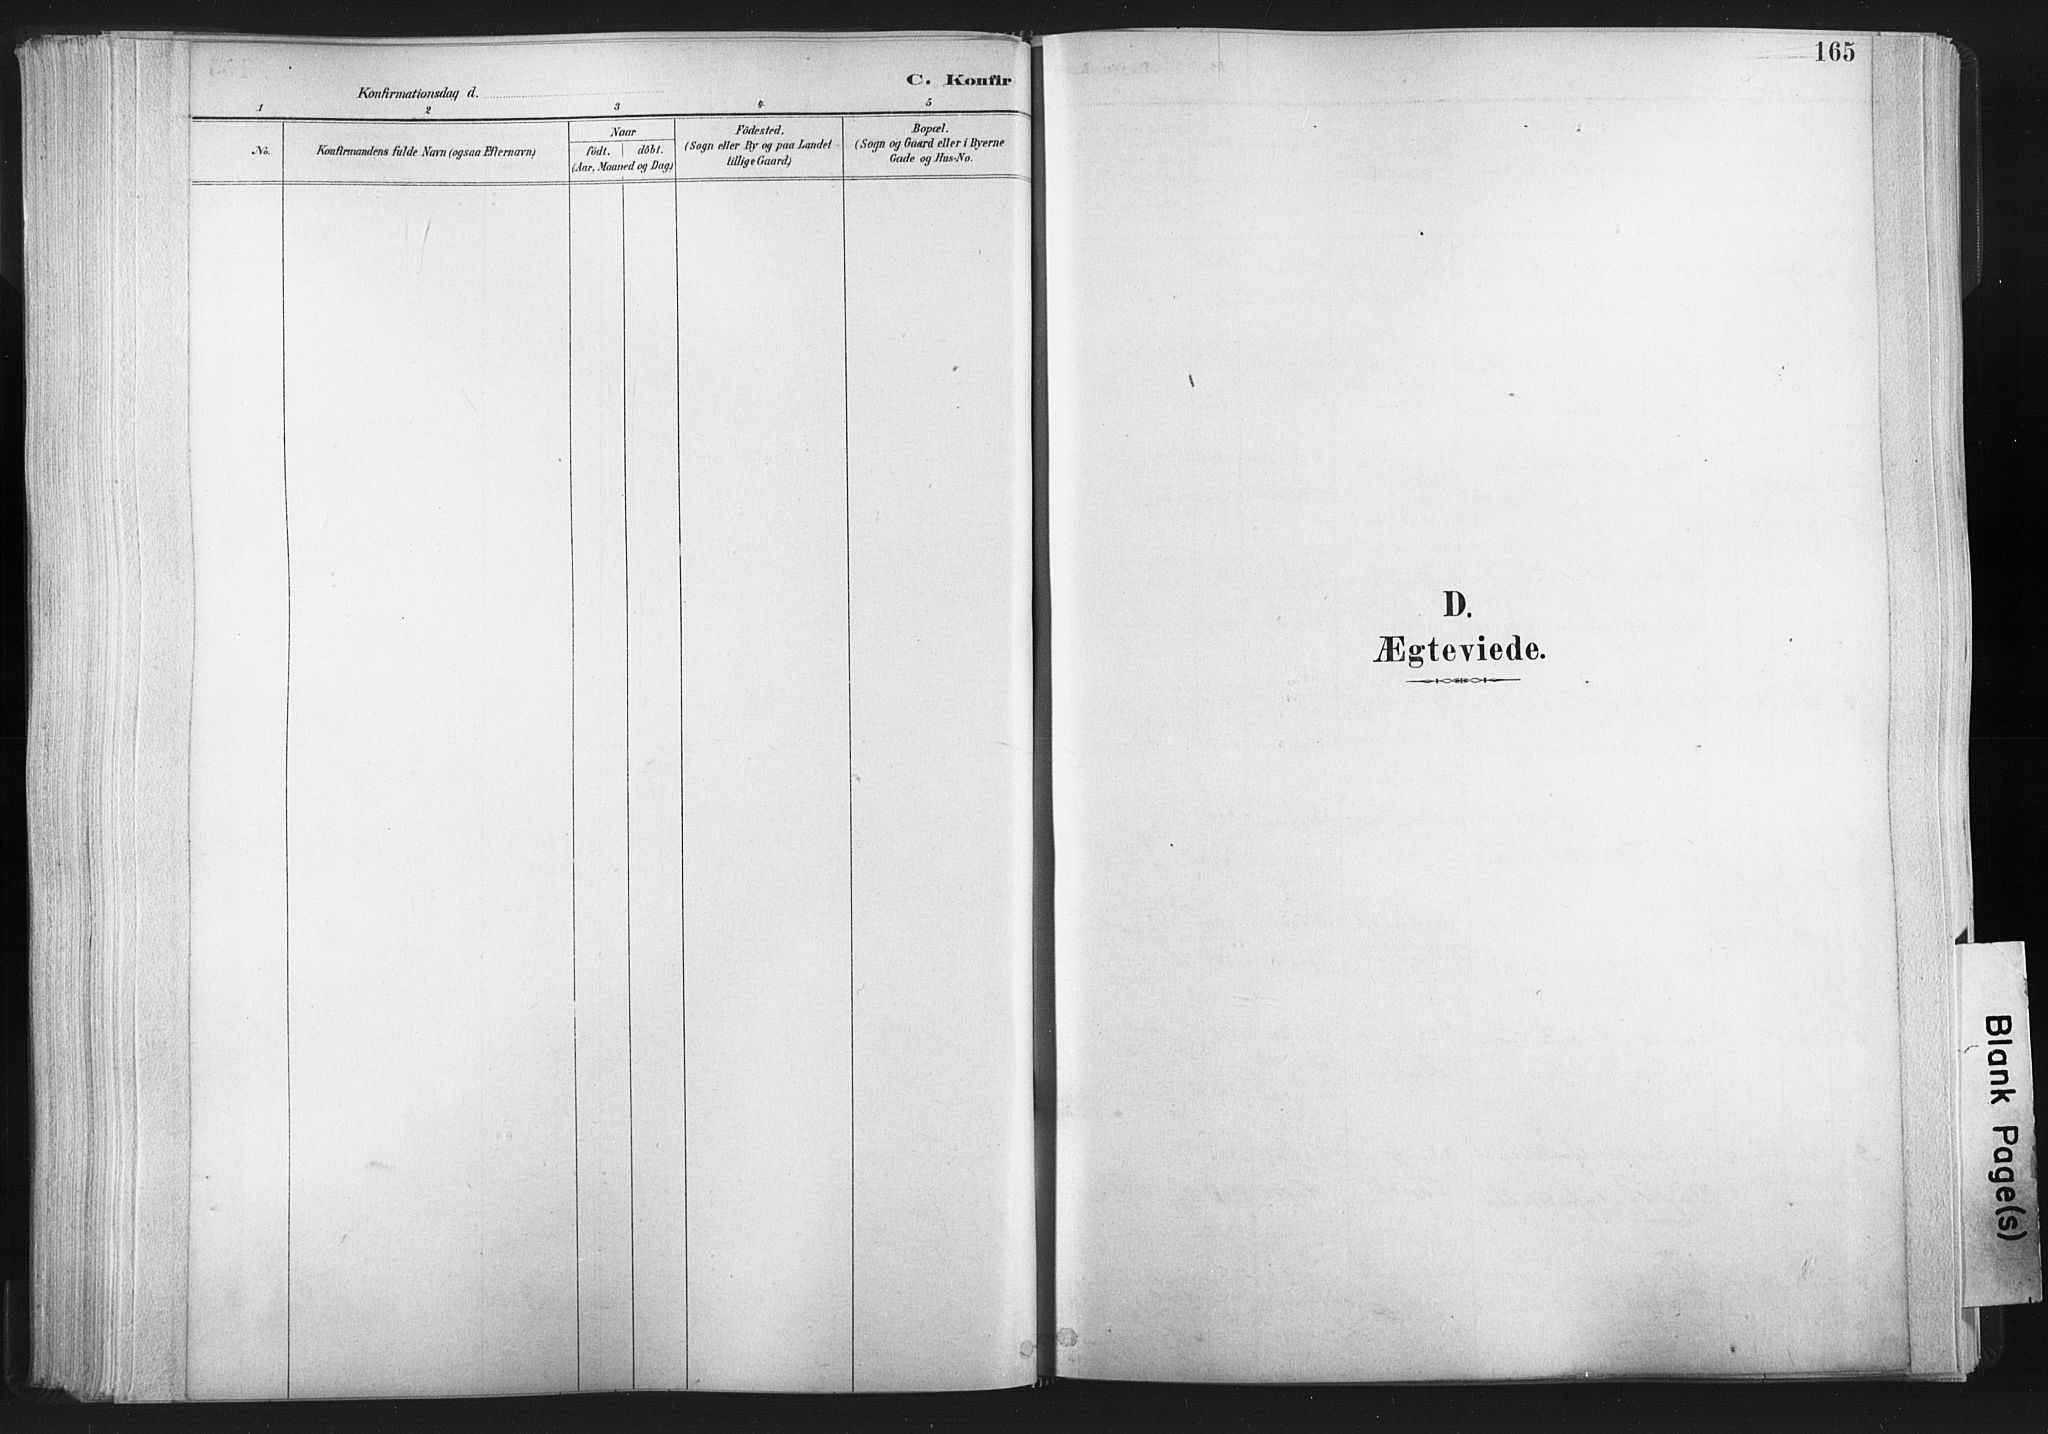 SAT, Ministerialprotokoller, klokkerbøker og fødselsregistre - Nord-Trøndelag, 749/L0474: Ministerialbok nr. 749A08, 1887-1903, s. 165